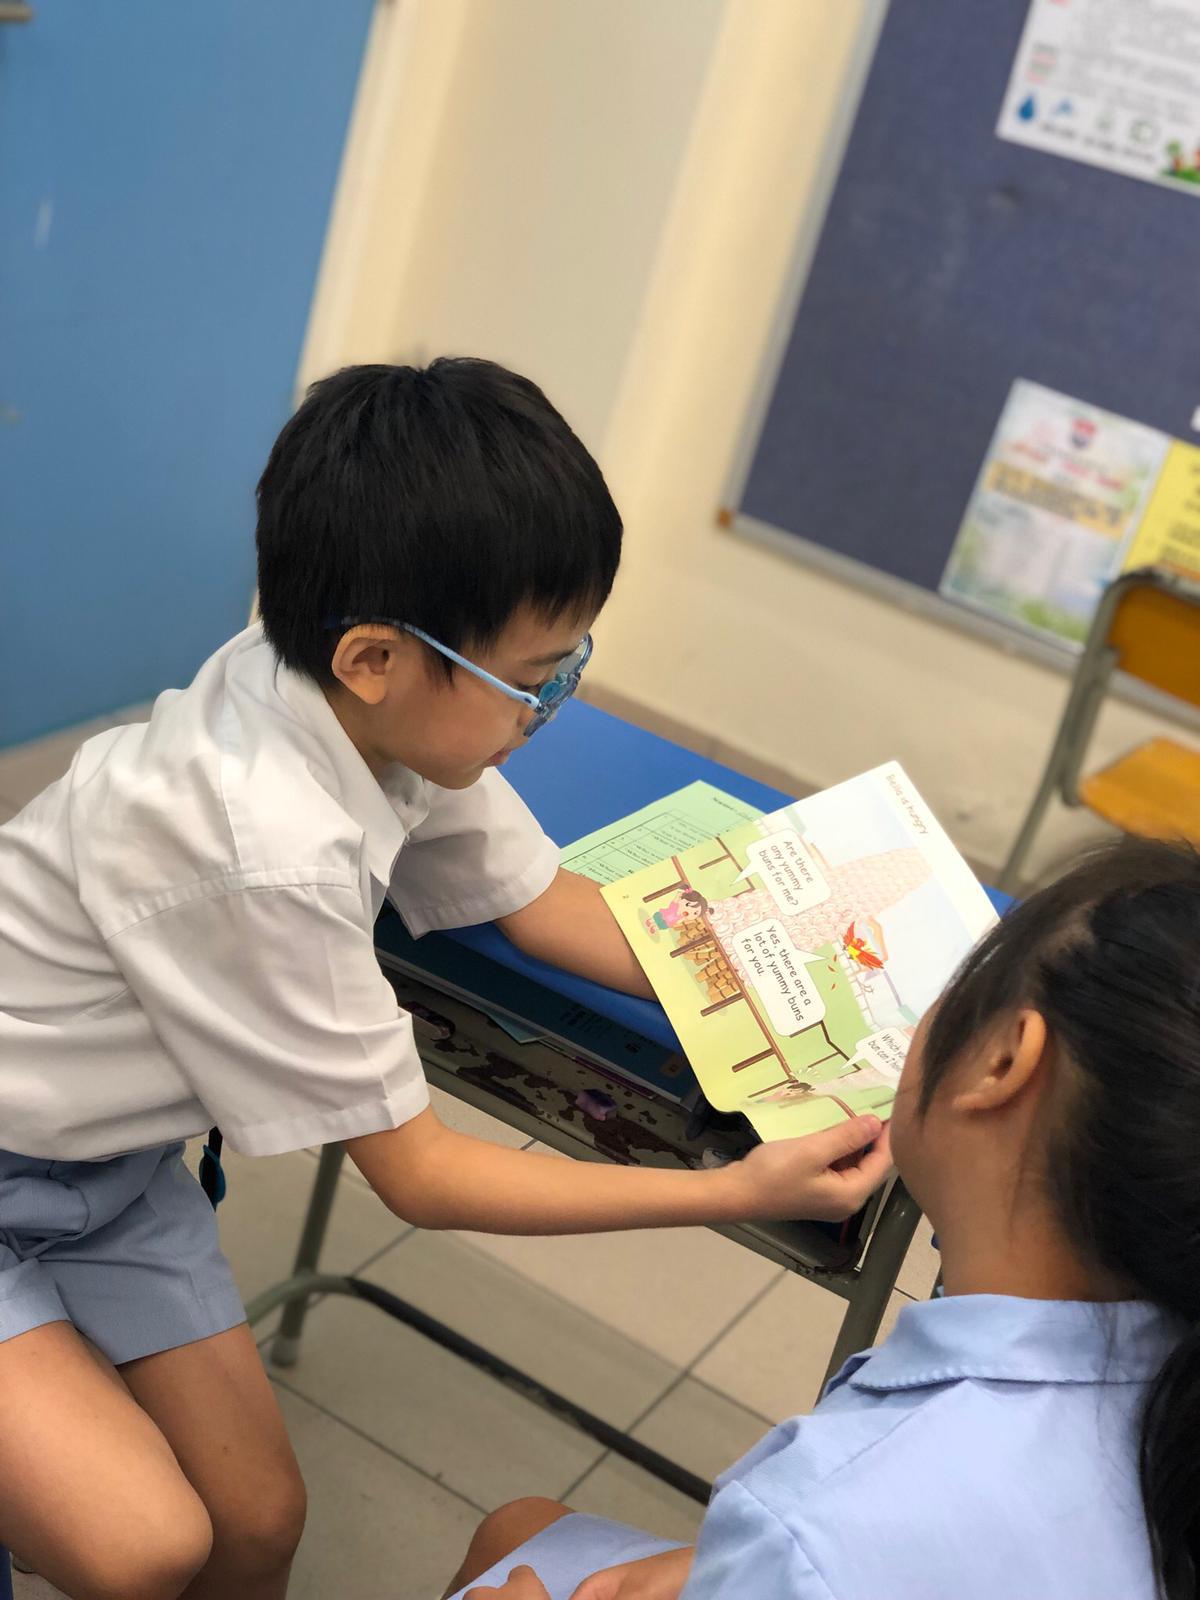 http://www.keiwan.edu.hk/sites/default/files/47_1.jpg